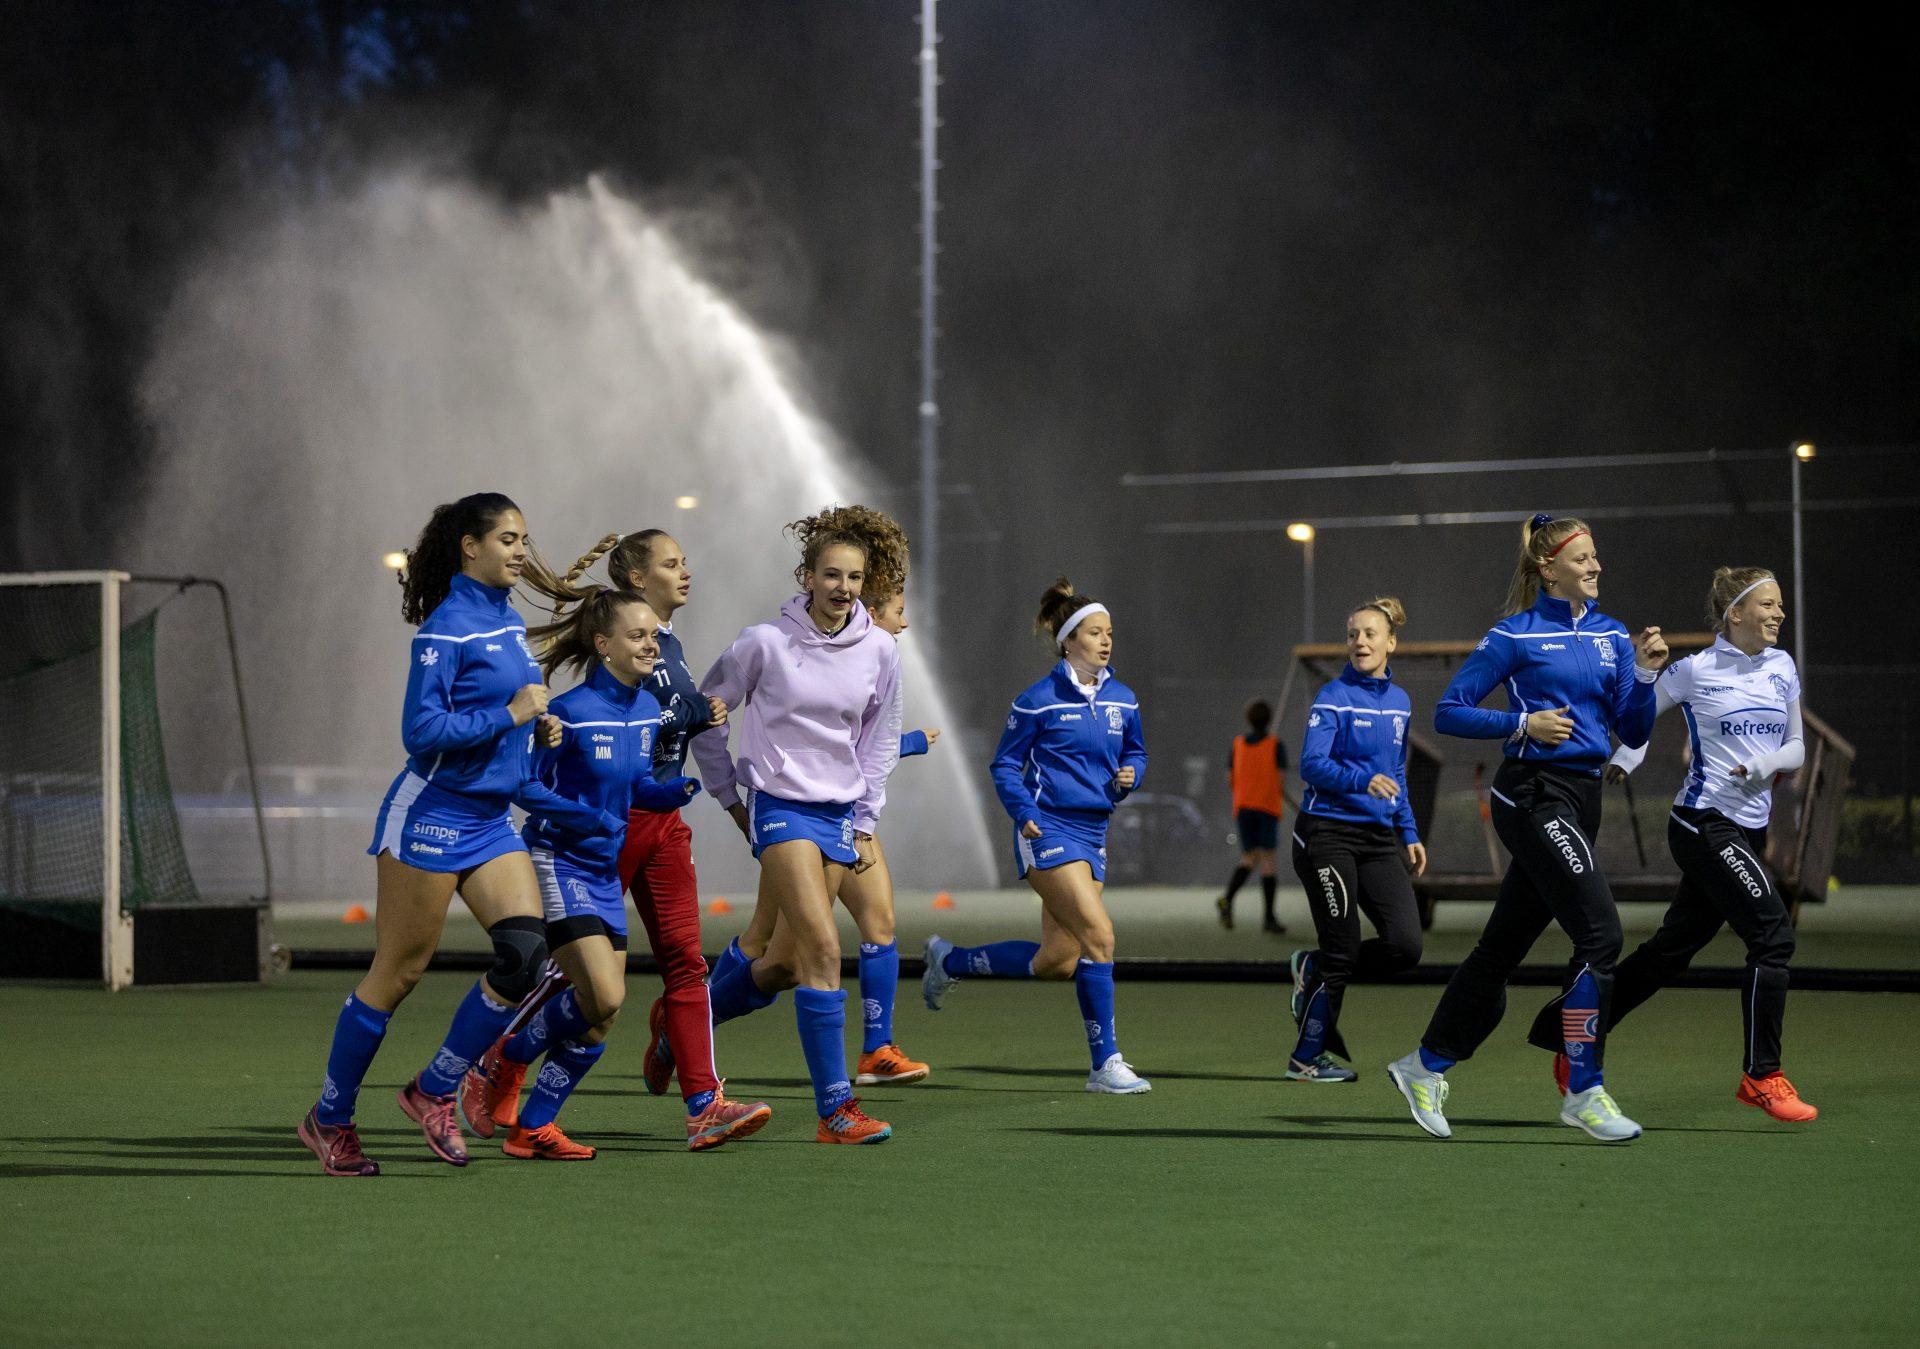 De regering wil regels versoepelen voor jongeren tot 27 jaar: trainen in teamverband en sporthal weer open - Sportnieuws.nl